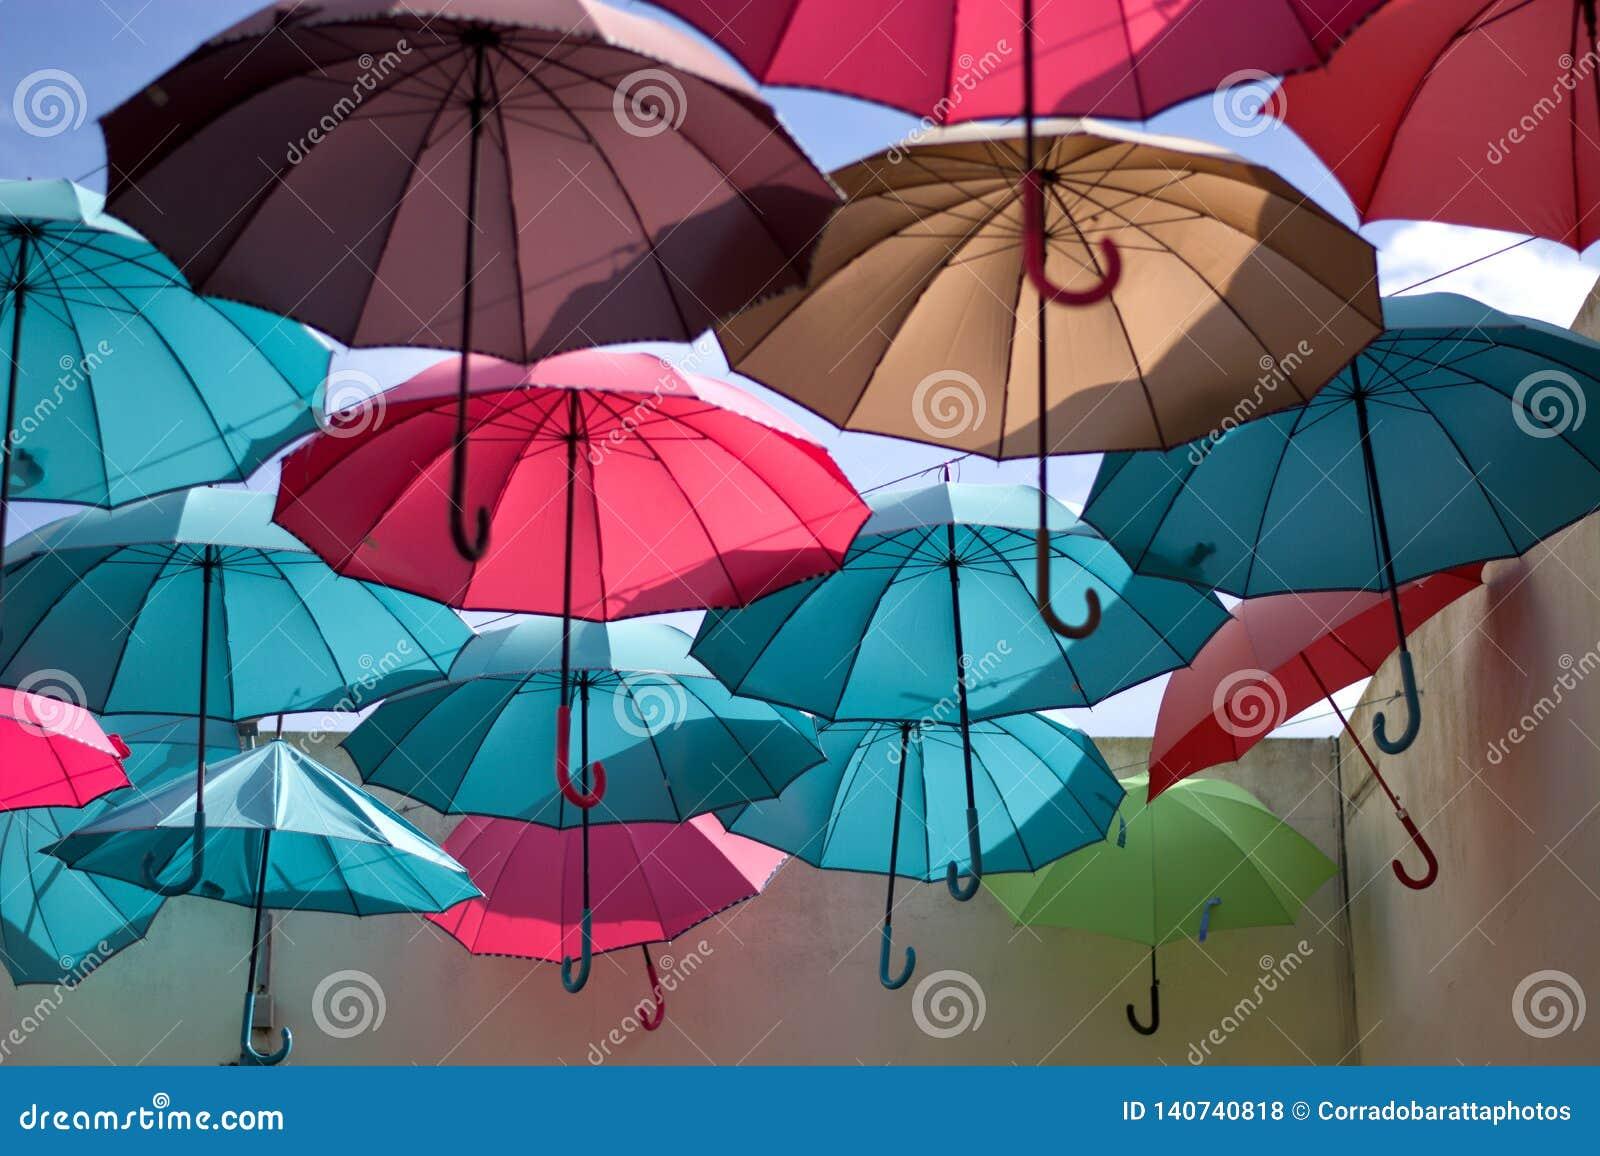 Imagination des parapluies multicolores comme l arc-en-ciel